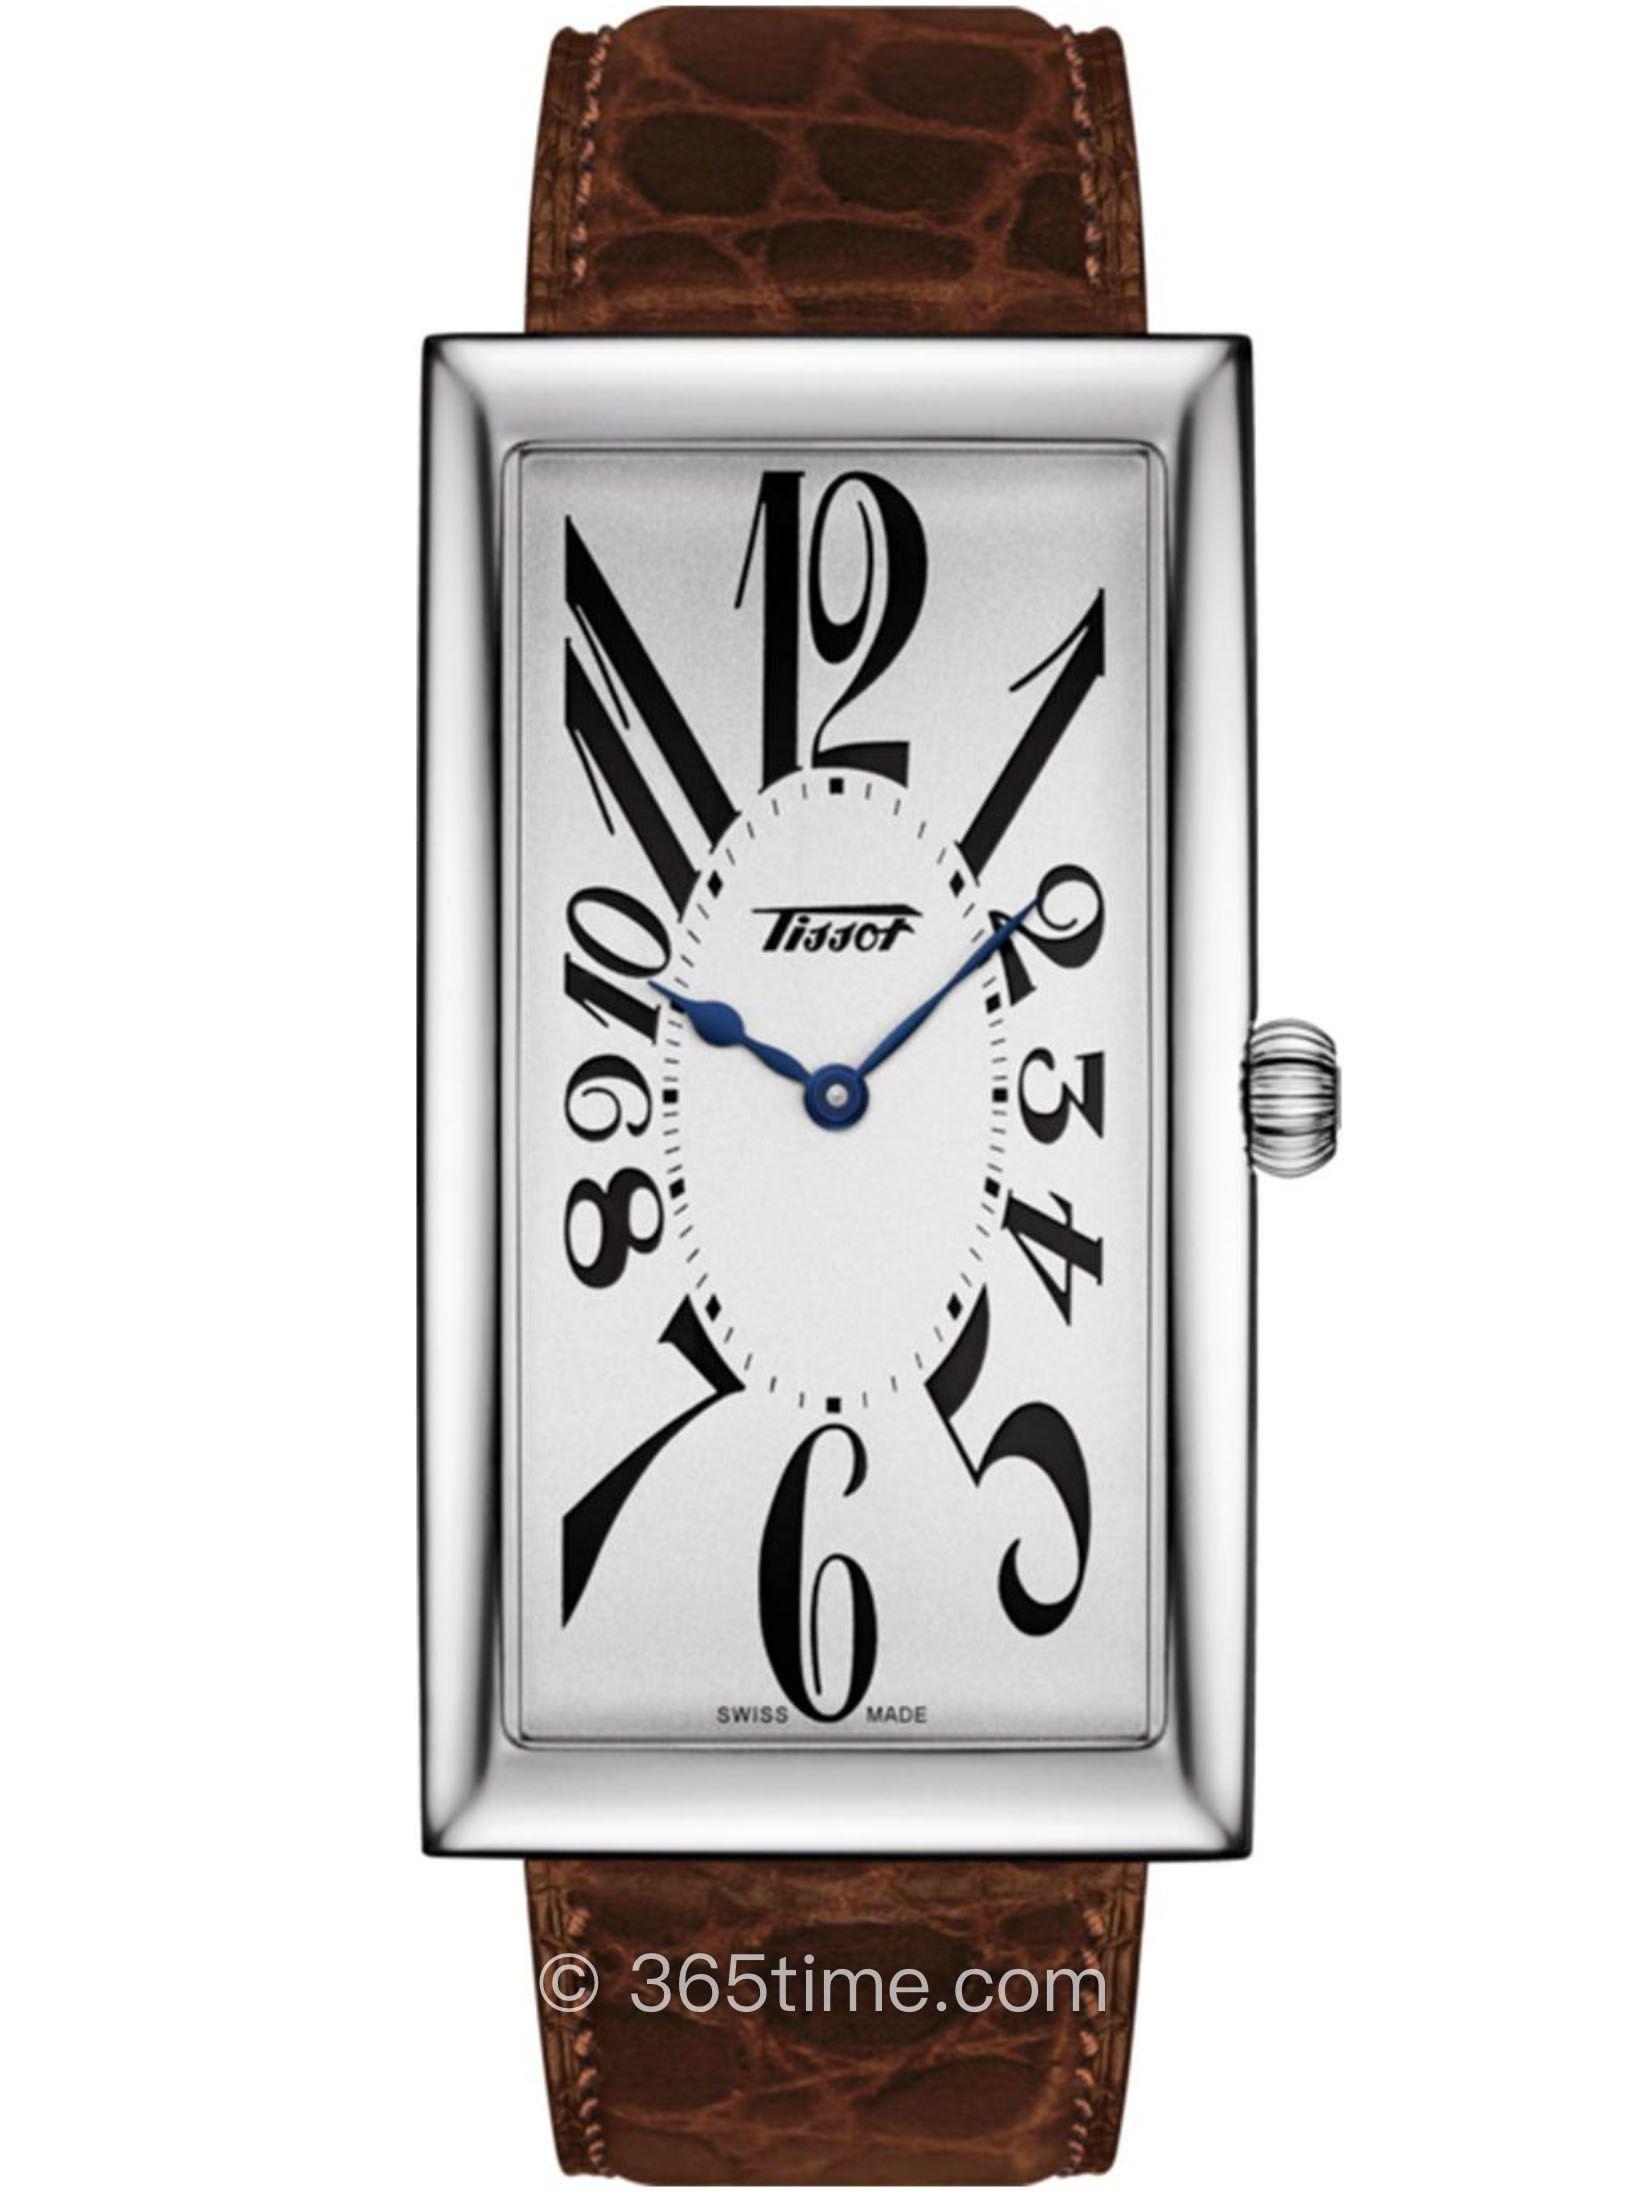 天梭HERITAGE系列王子经典I型腕表T117.509.16.032.00